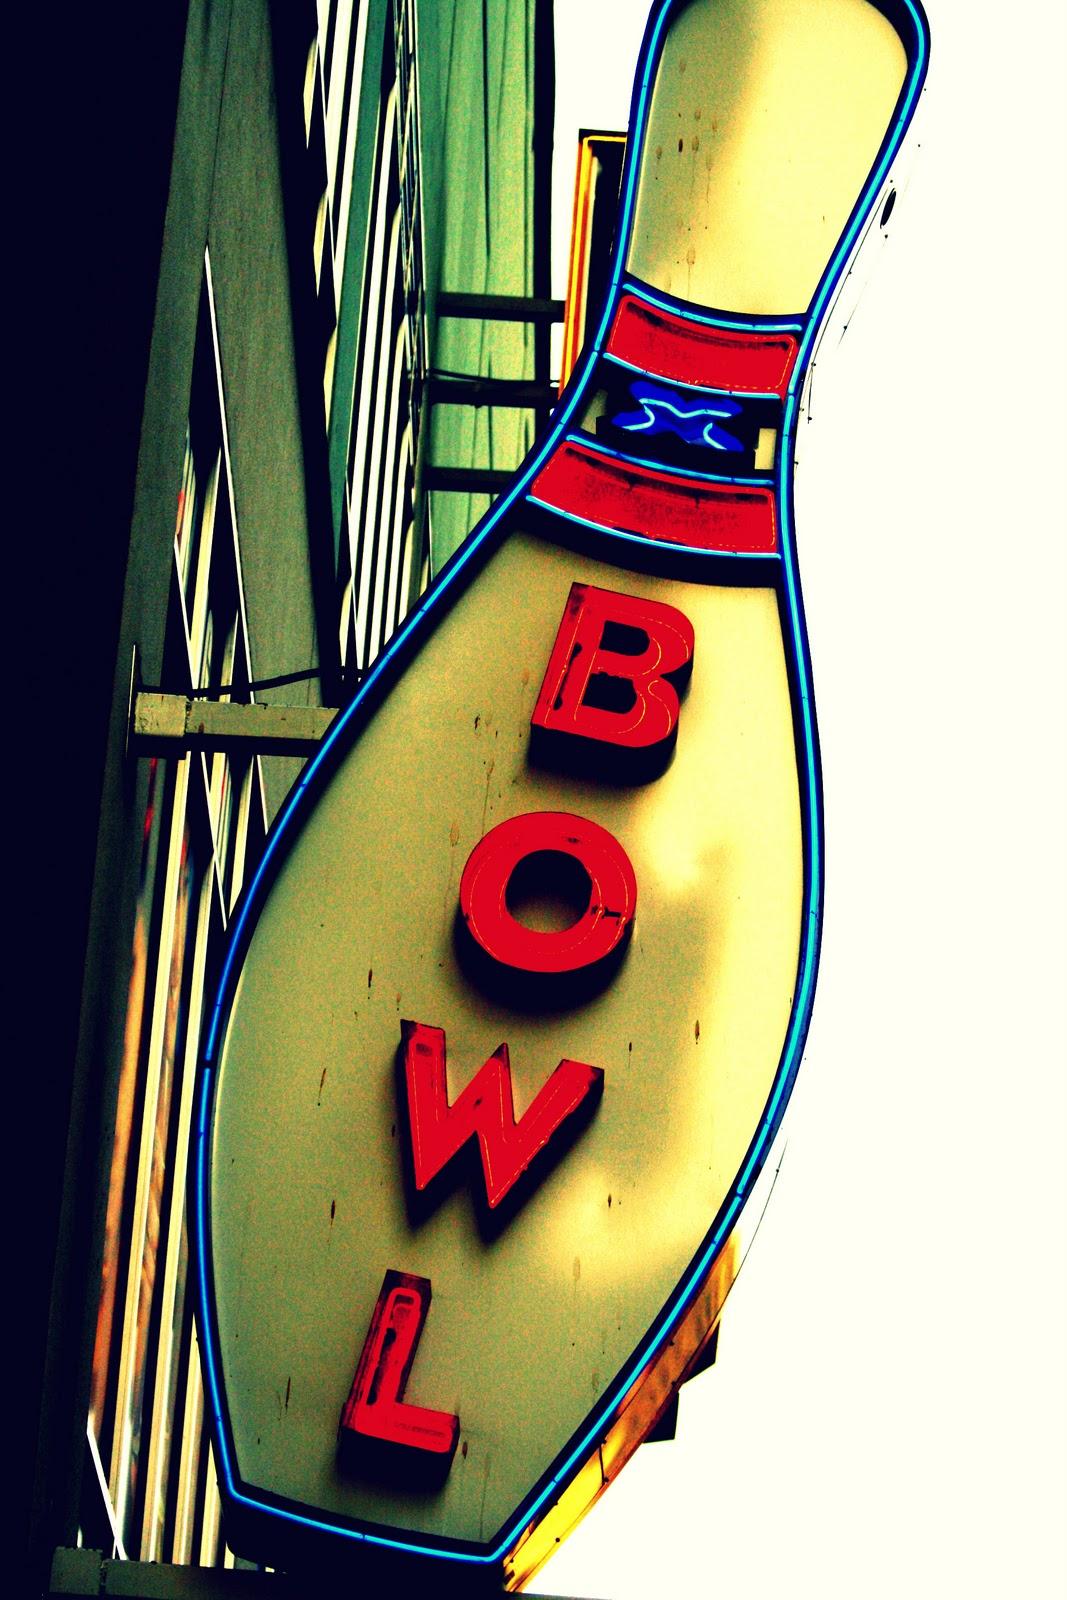 http://2.bp.blogspot.com/_vVBWf7GGkEg/S9hhWHxvYsI/AAAAAAAAAlw/53NzQuJ45ao/s1600/Bowling.jpg